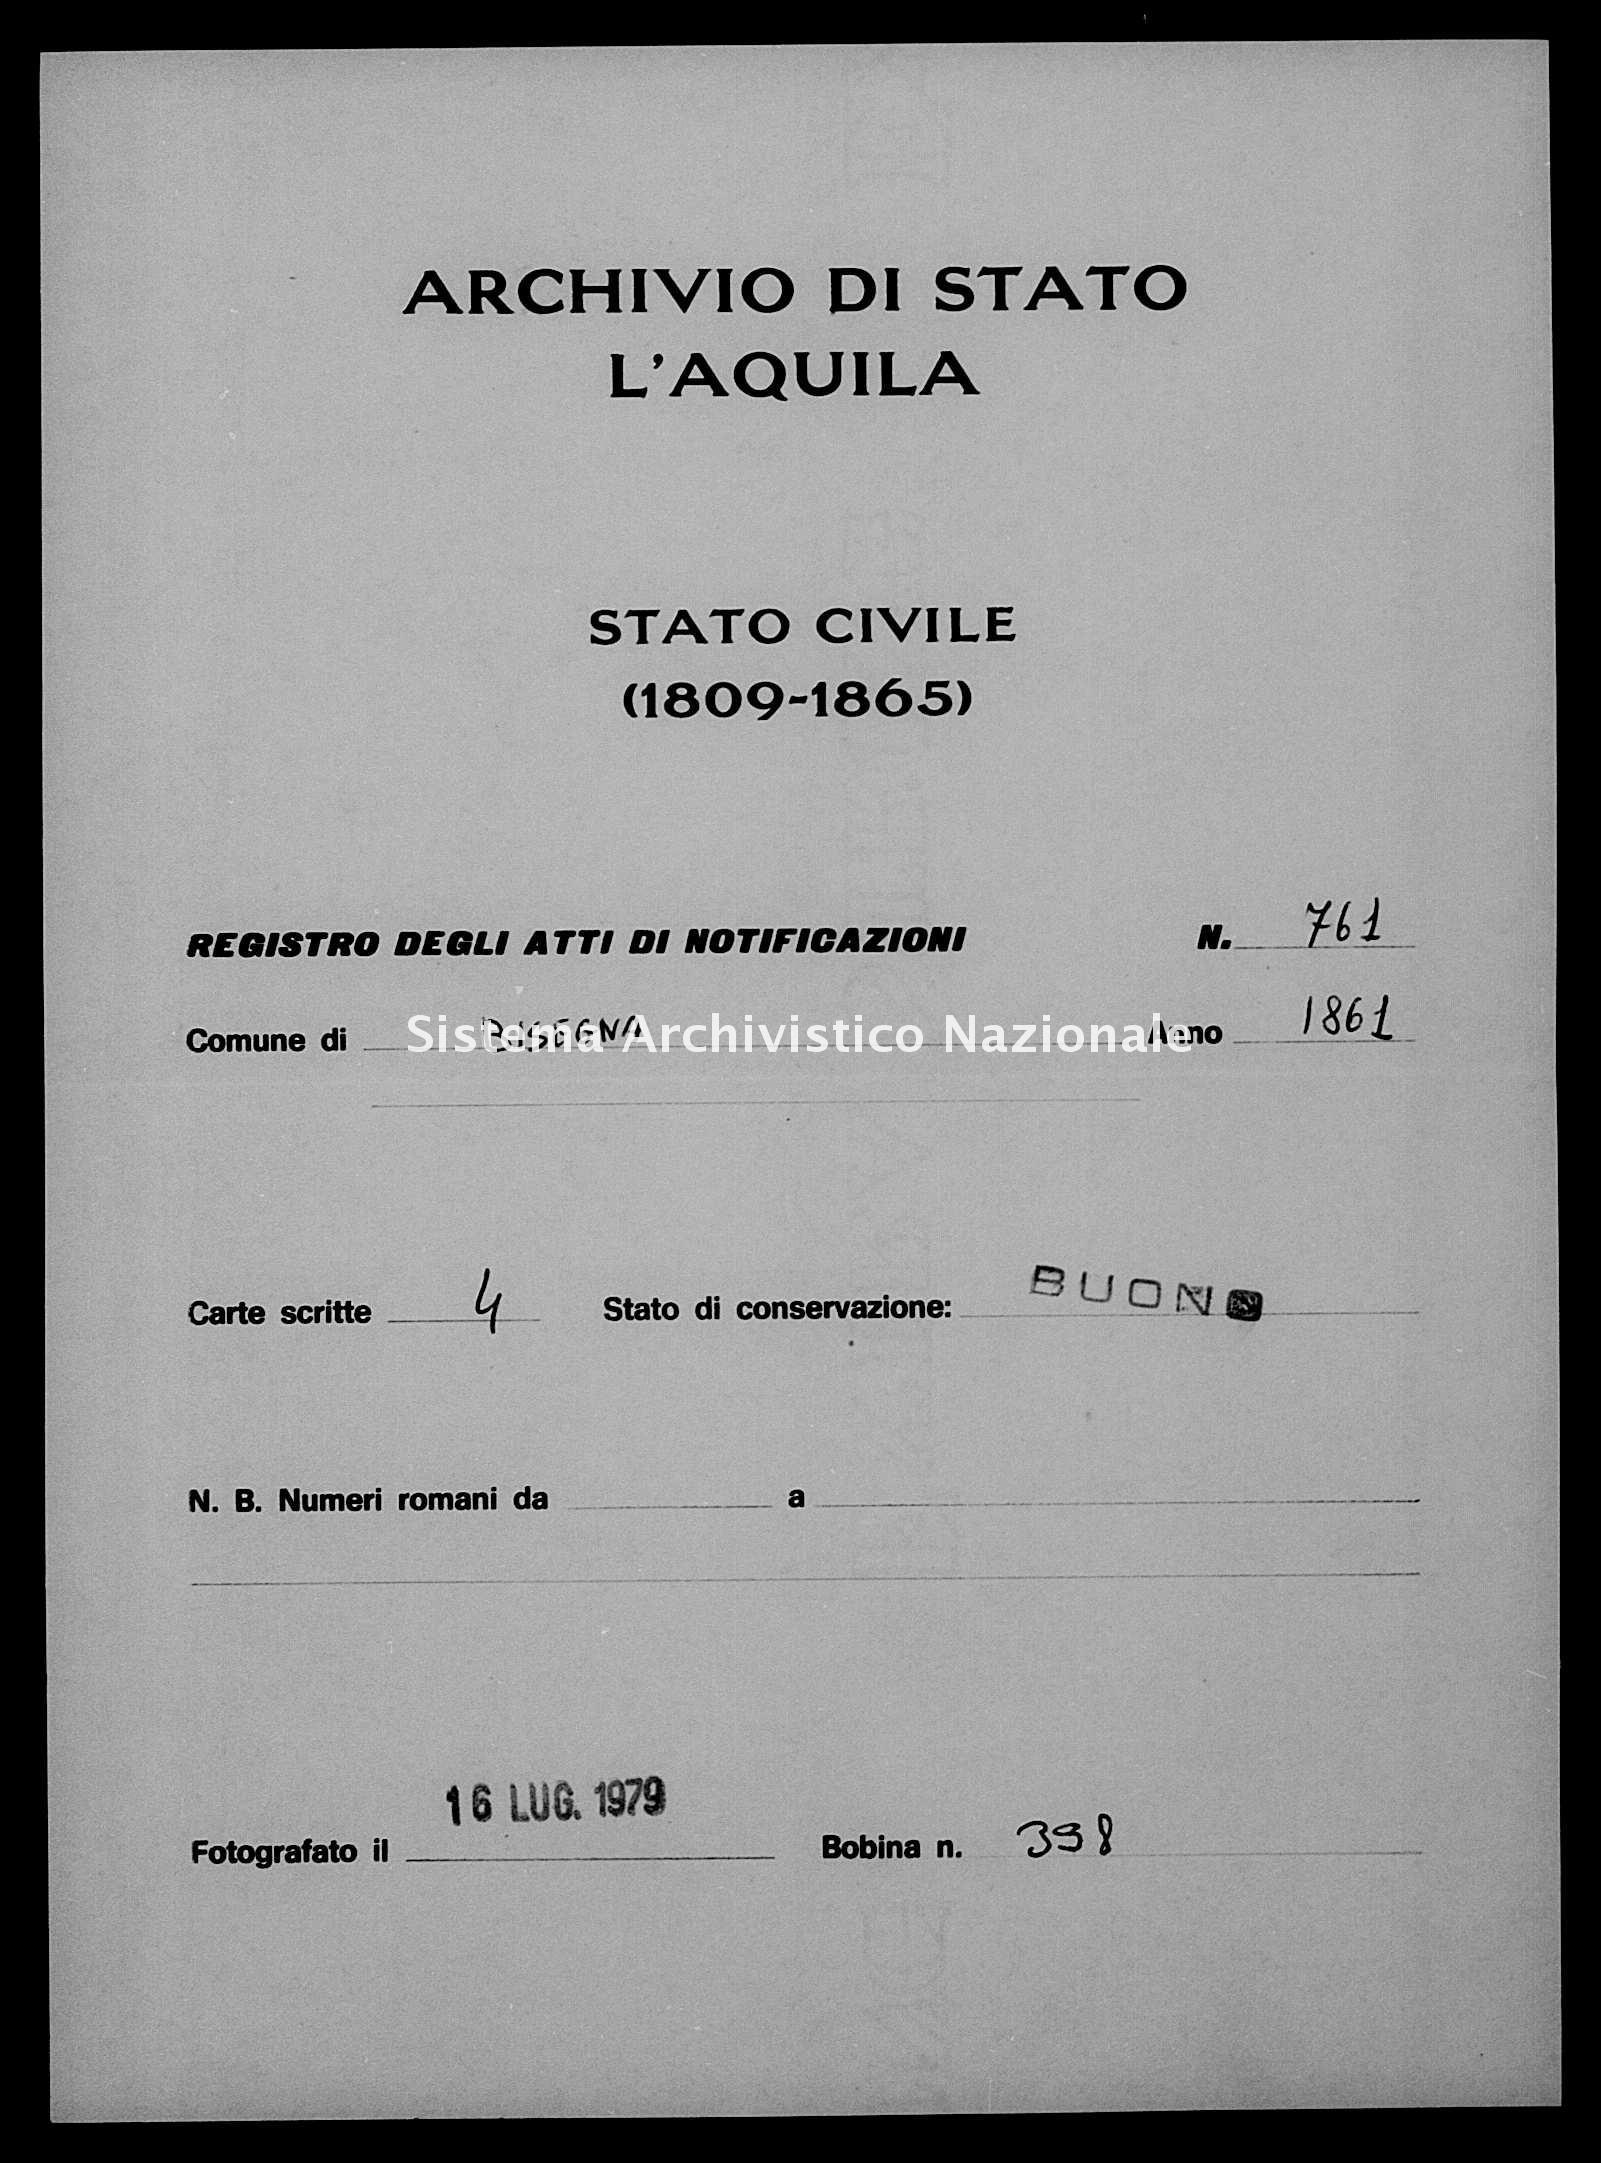 Archivio di stato di L'aquila - Stato civile italiano - Bisegna - Matrimoni, memorandum notificazioni ed opposizioni - 1861 - 761 -